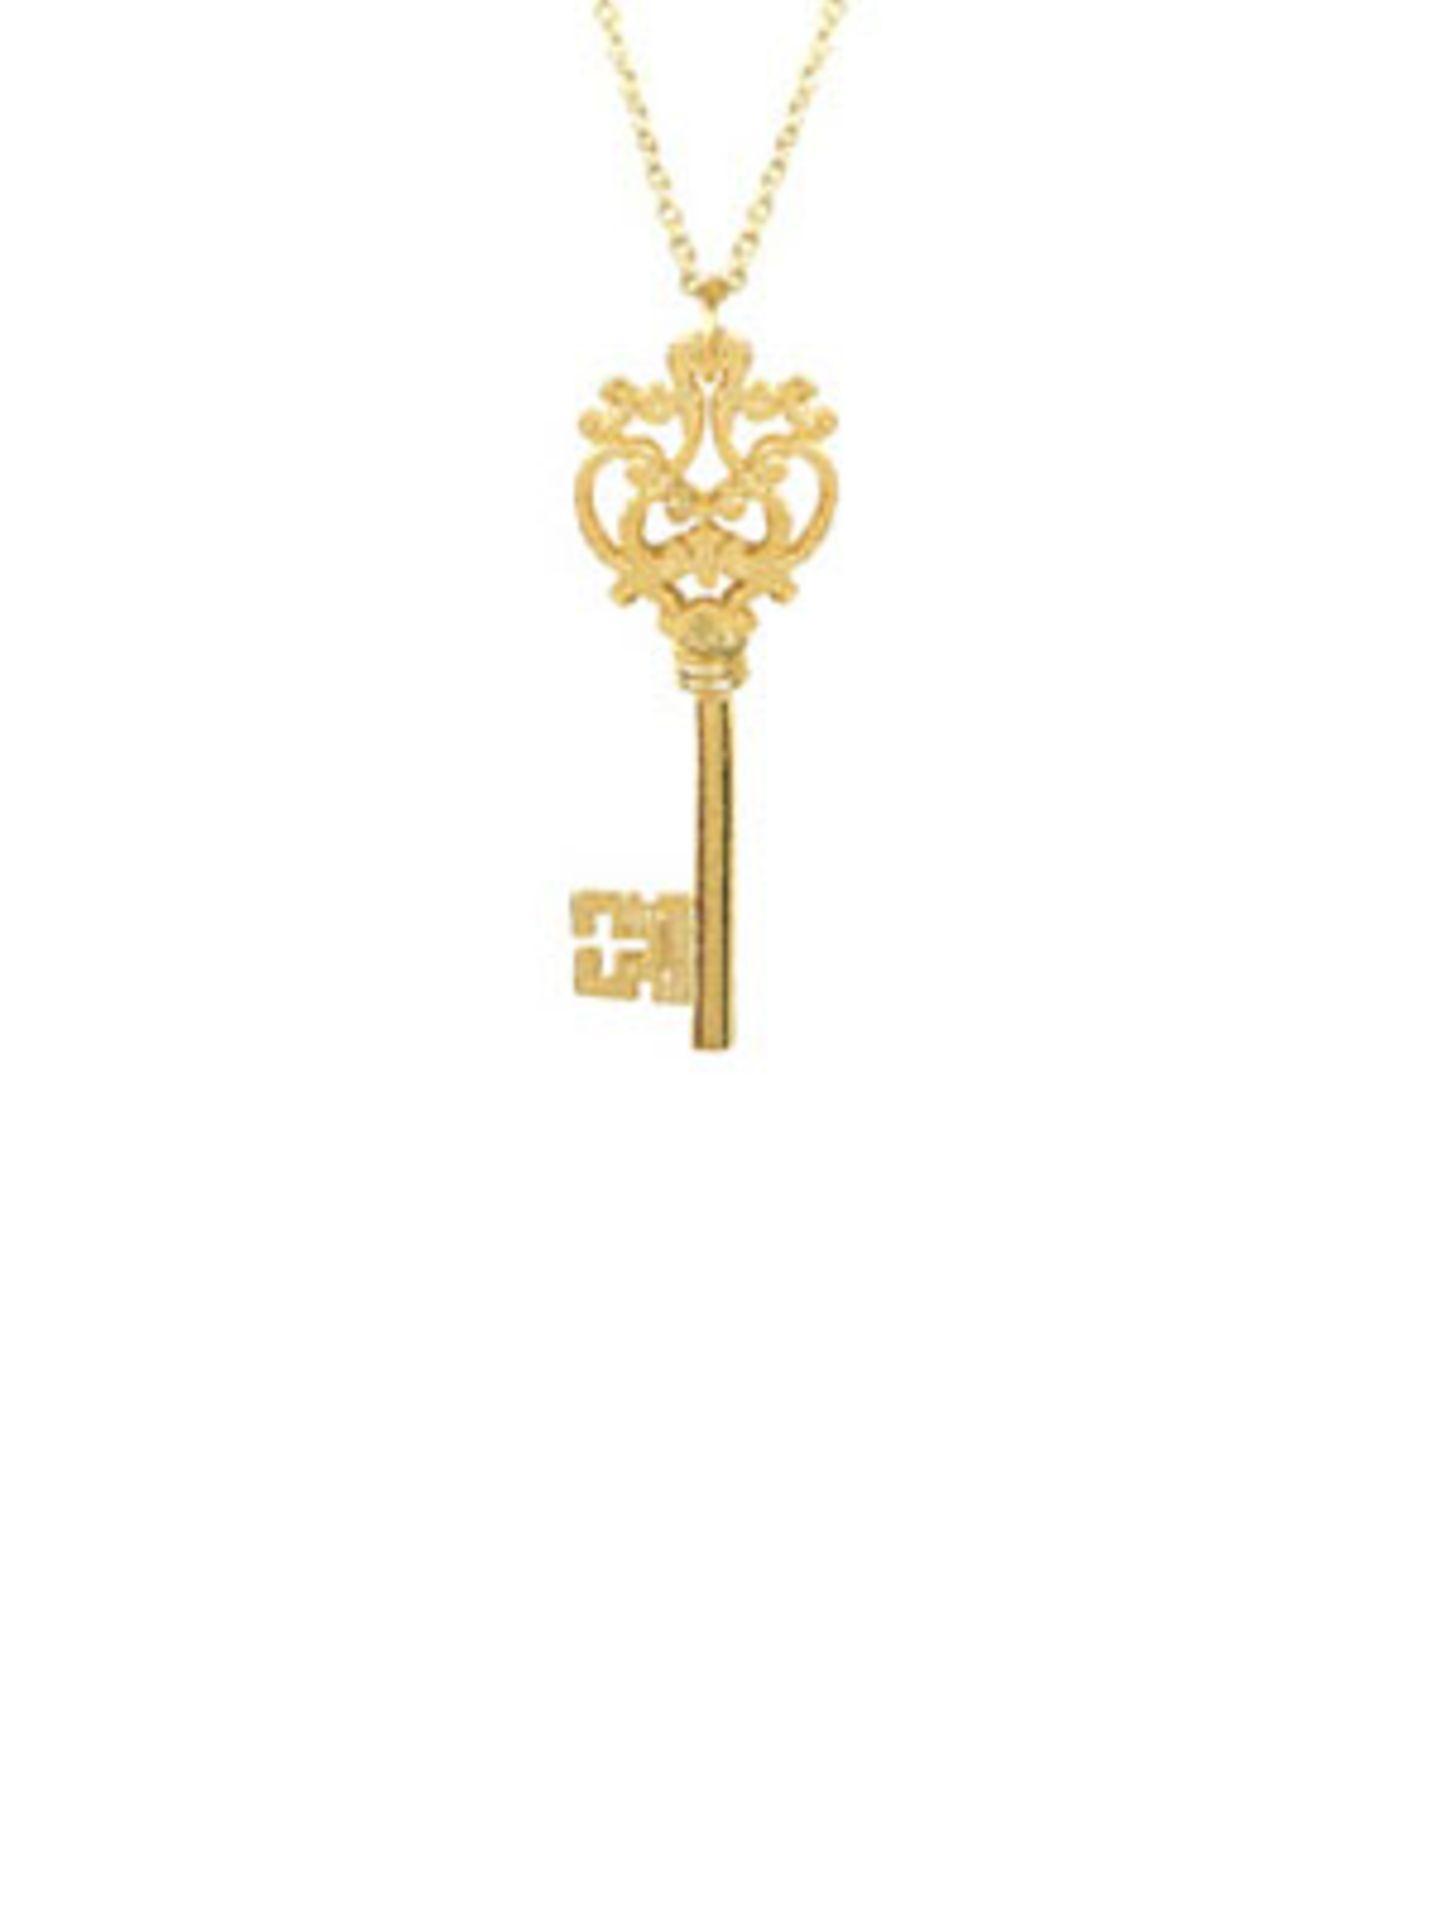 Goldfarbene Kette mit großem verschnörkelten Schlüssel von www.fredflare.com, um 10 Euro.